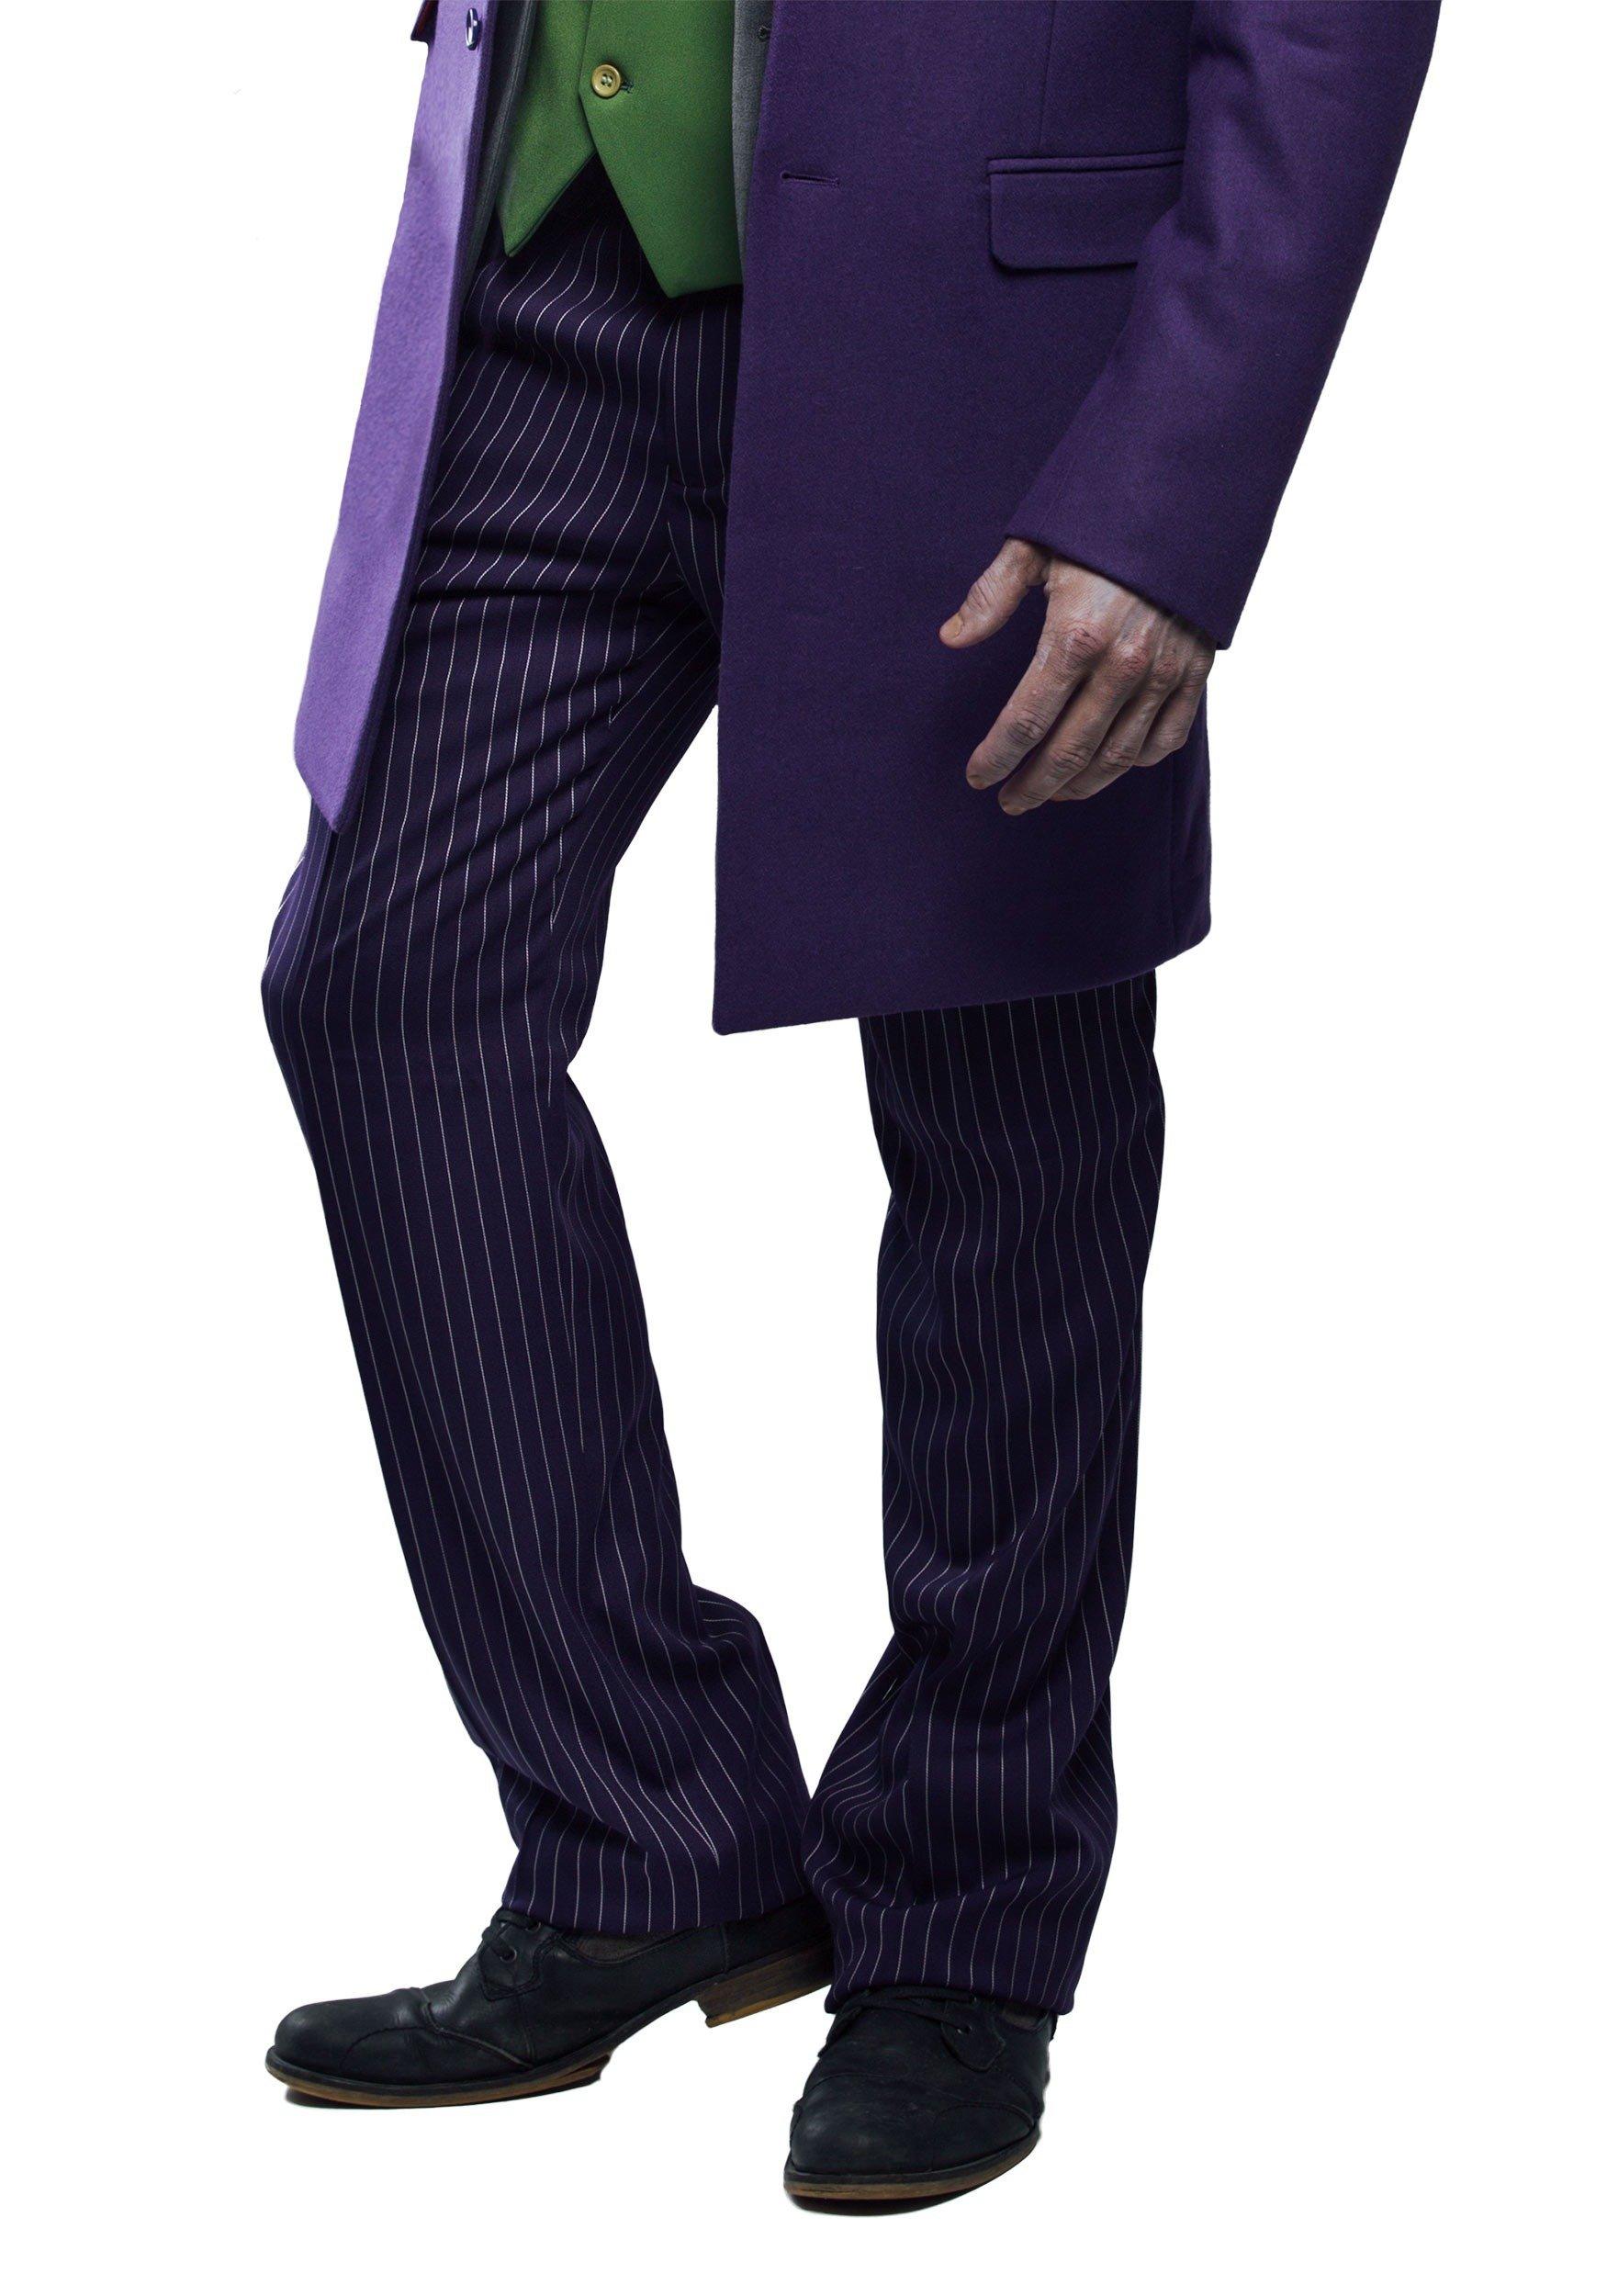 FUN Suits The Joker Suit Pants (Authentic) 42